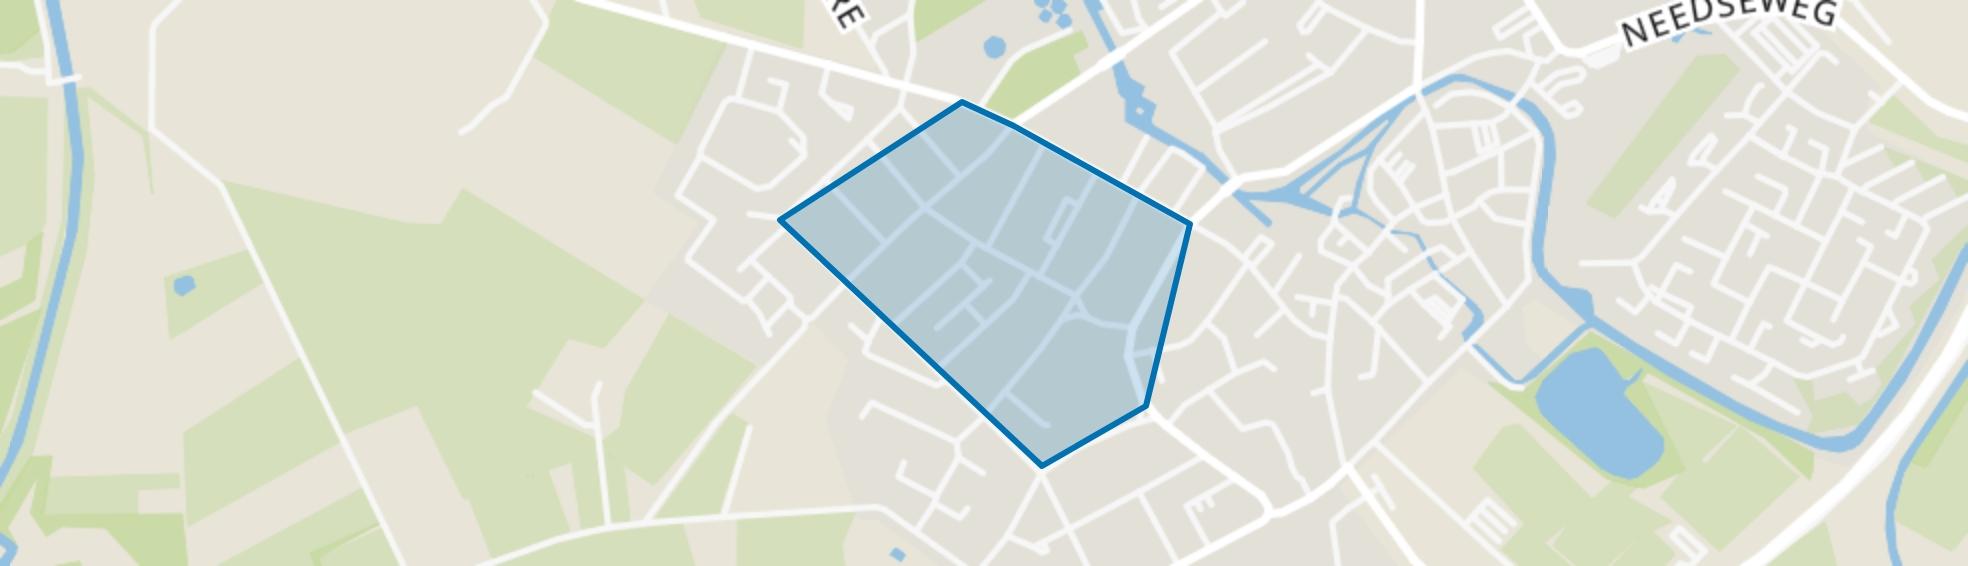 De Koppel, Borculo map